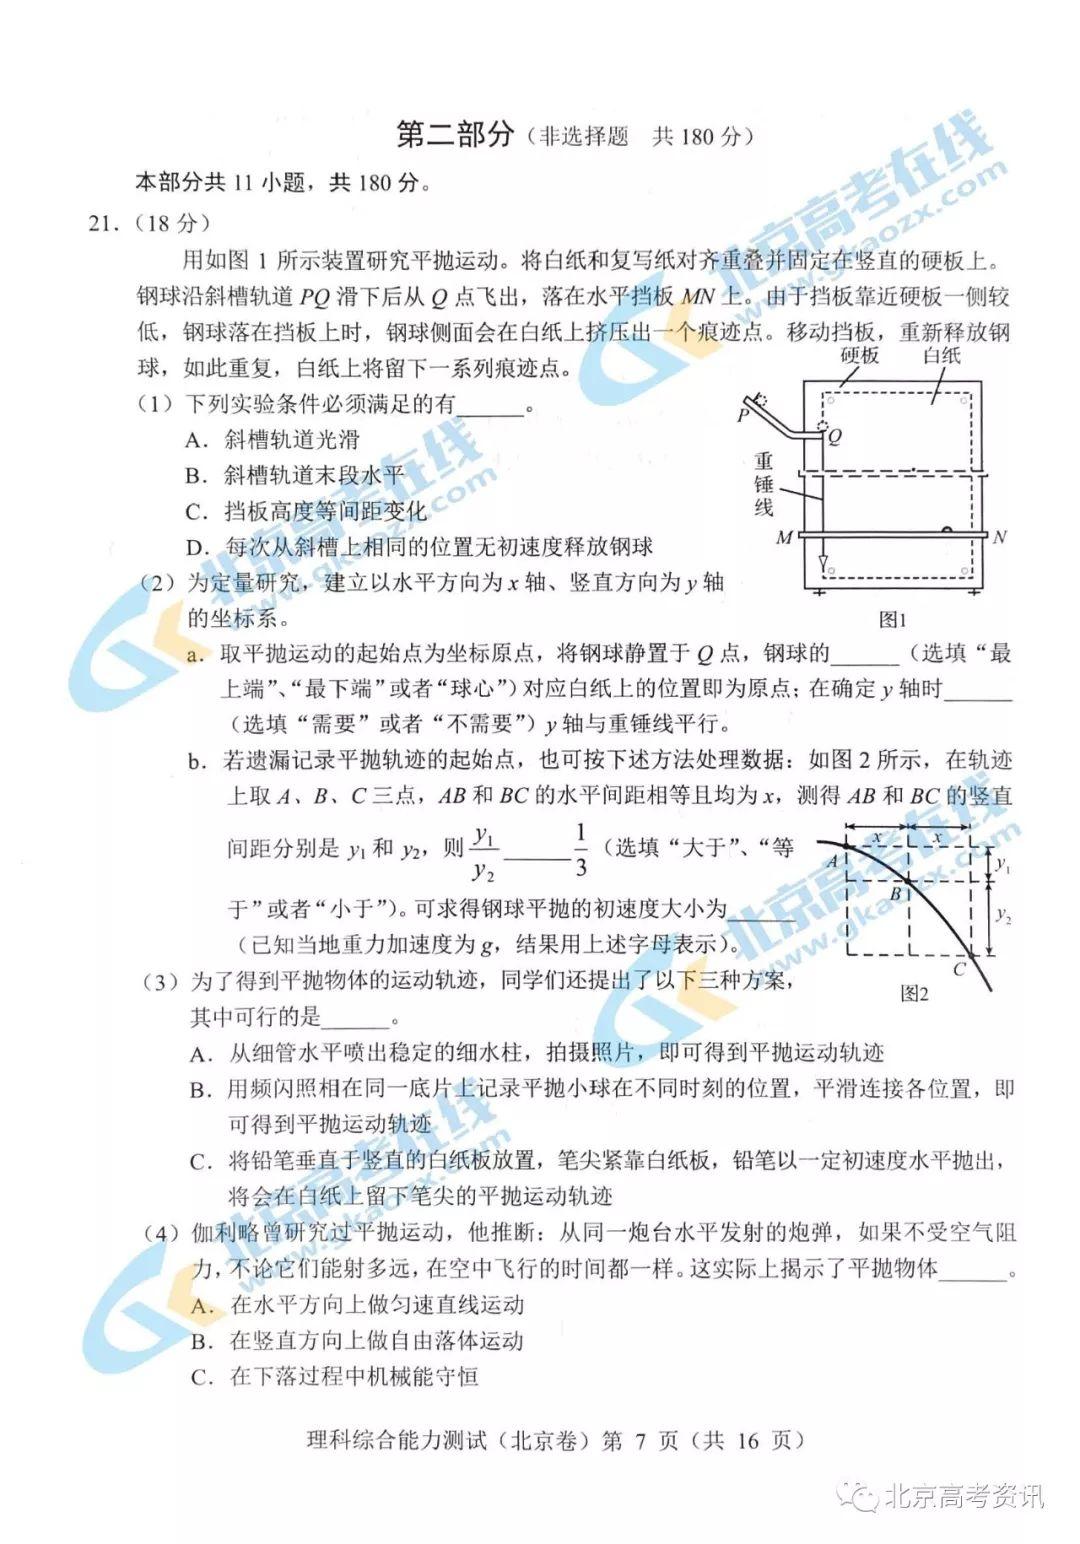 2011年高考英语试题_2019年北京高考物理试题(图片版)_高考网